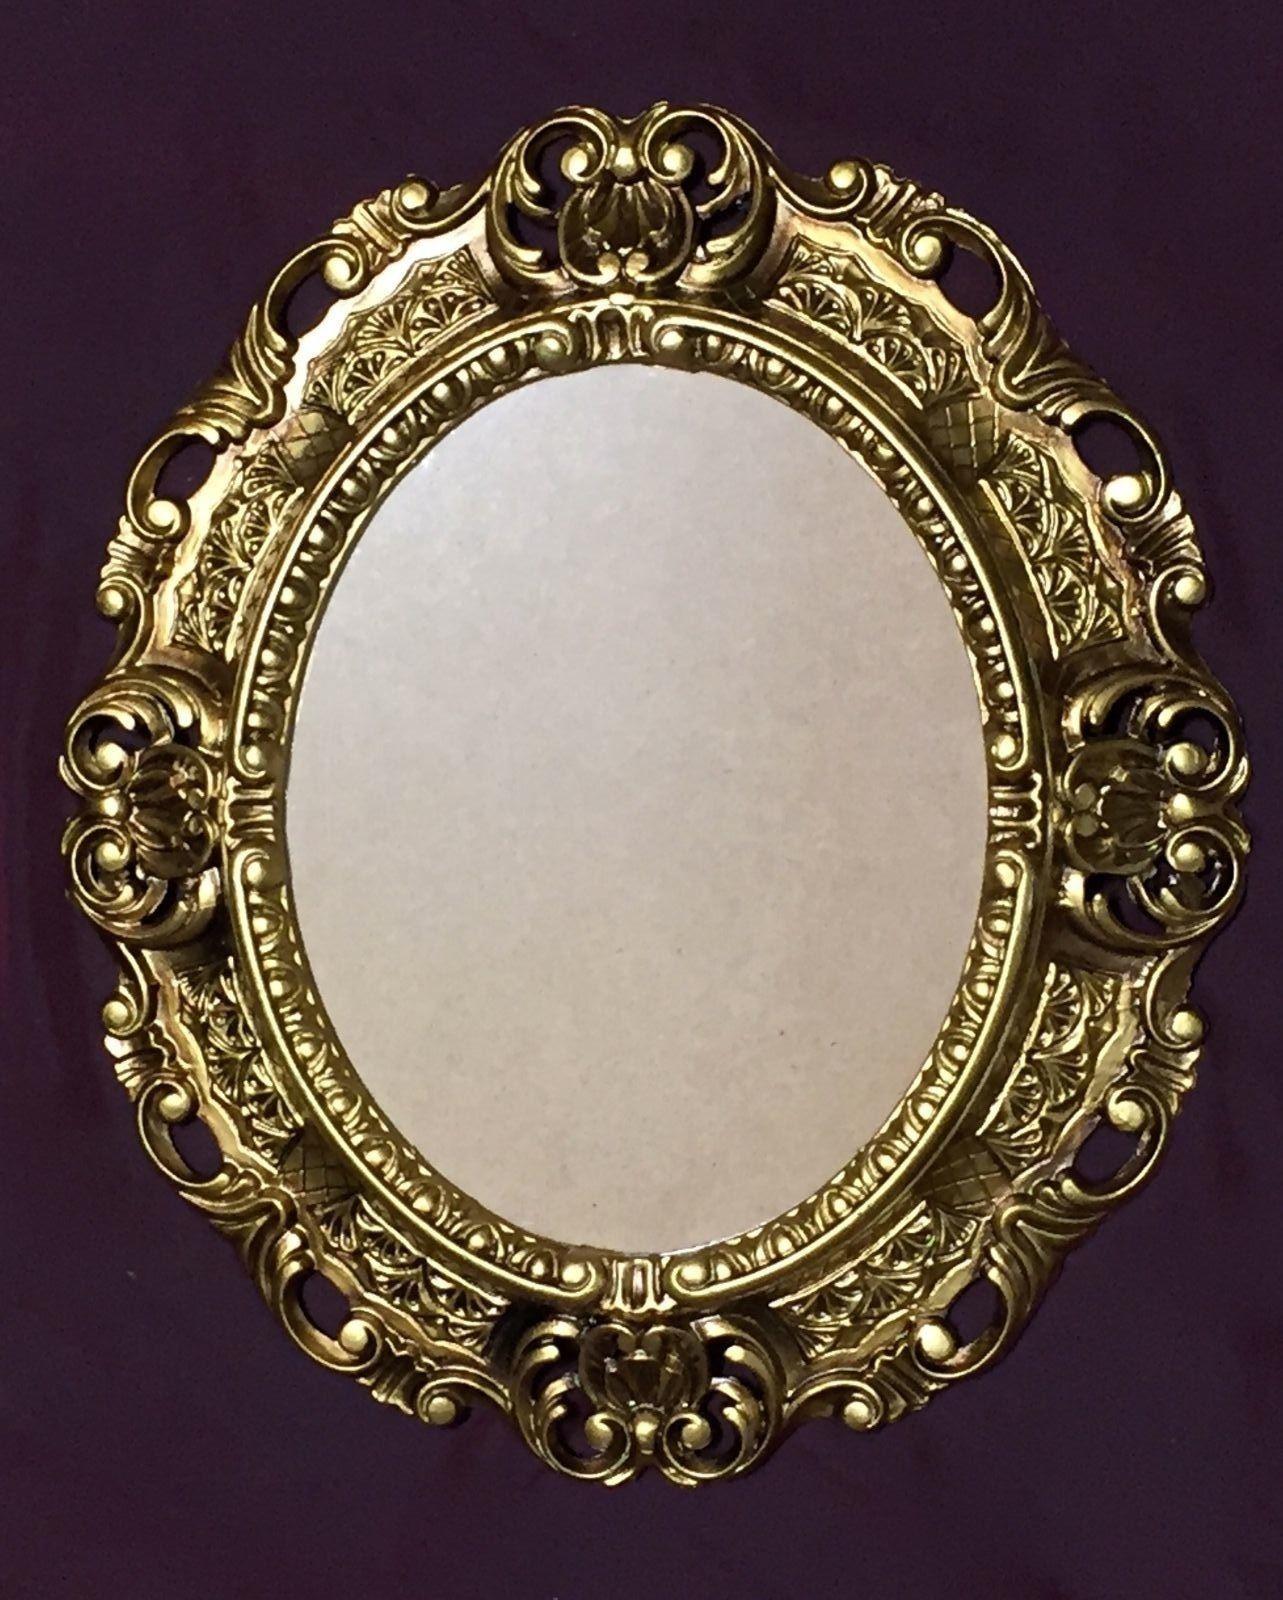 Bilderrahmen Gold Oval Antik Bilderrahmen Mit Glas Fotorahmen Rahmen ...